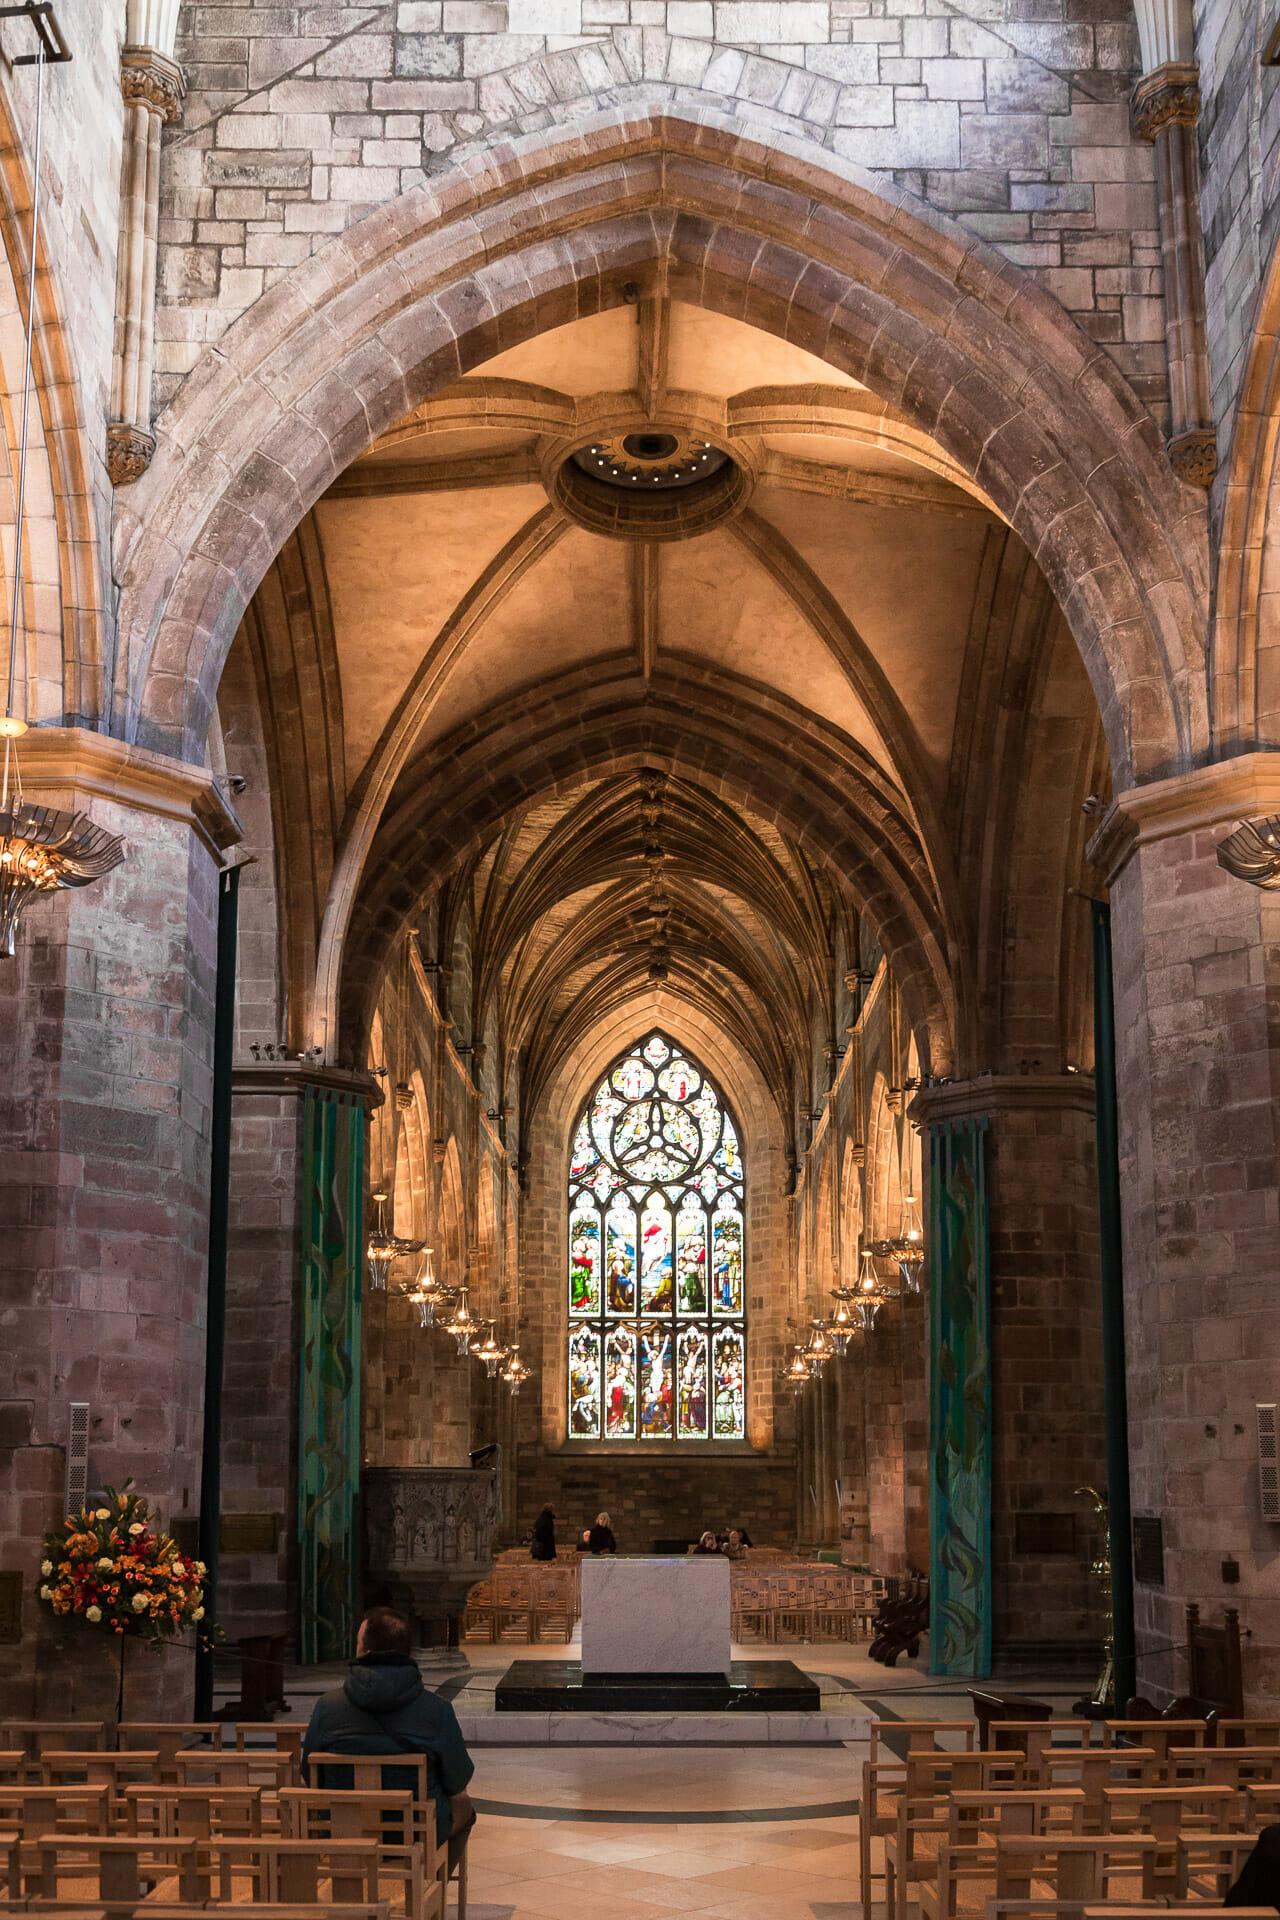 Sanktuarium und Chor der St Giles' Cathedral